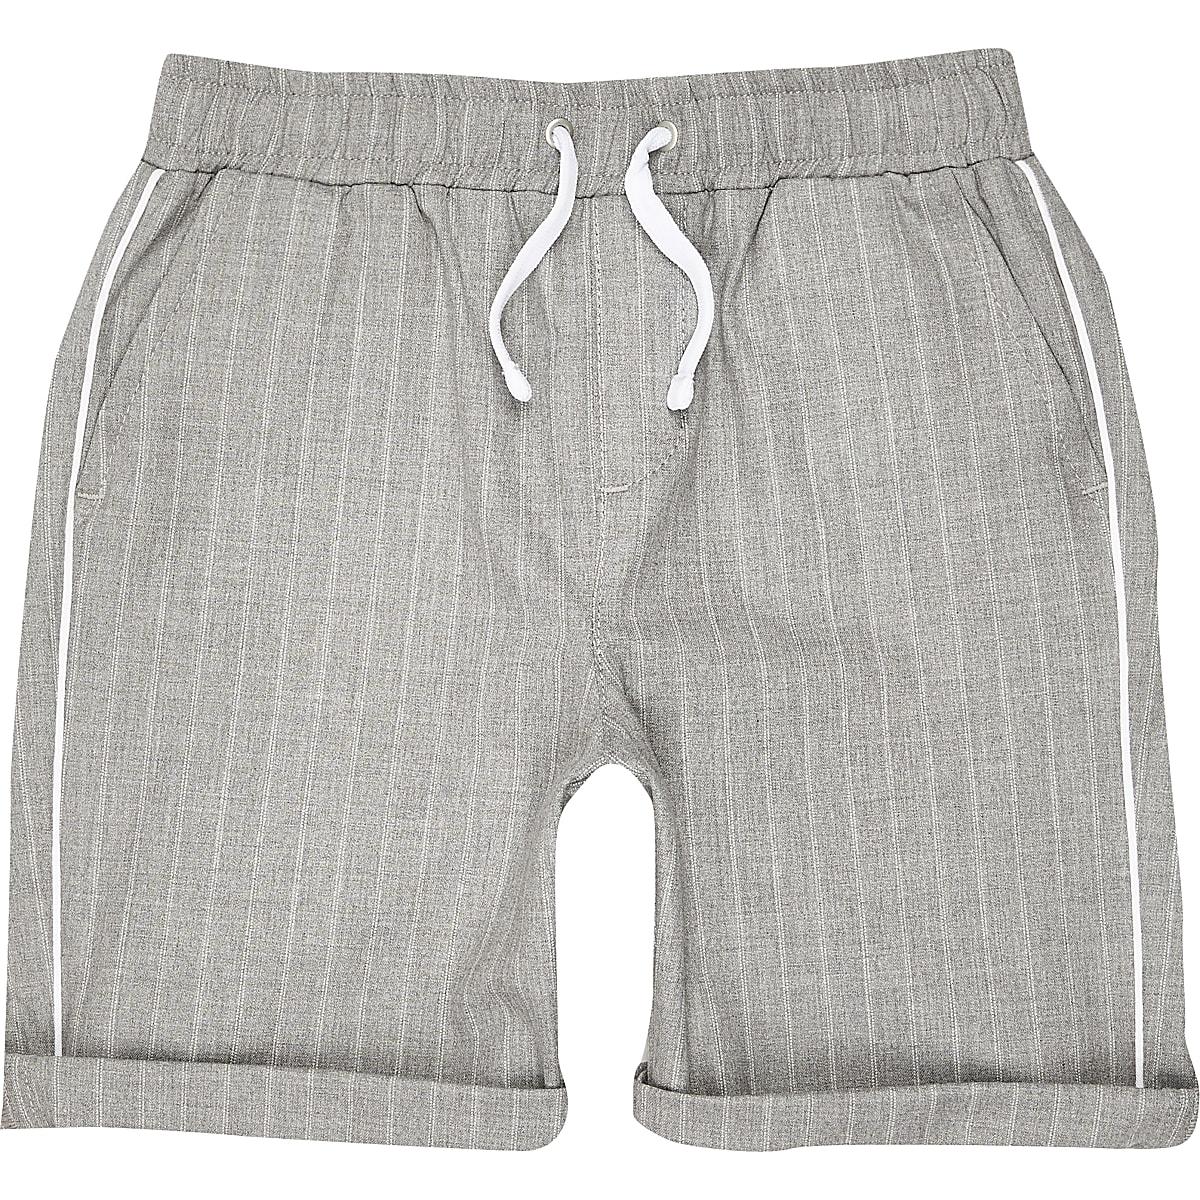 Boys grey stripe shorts